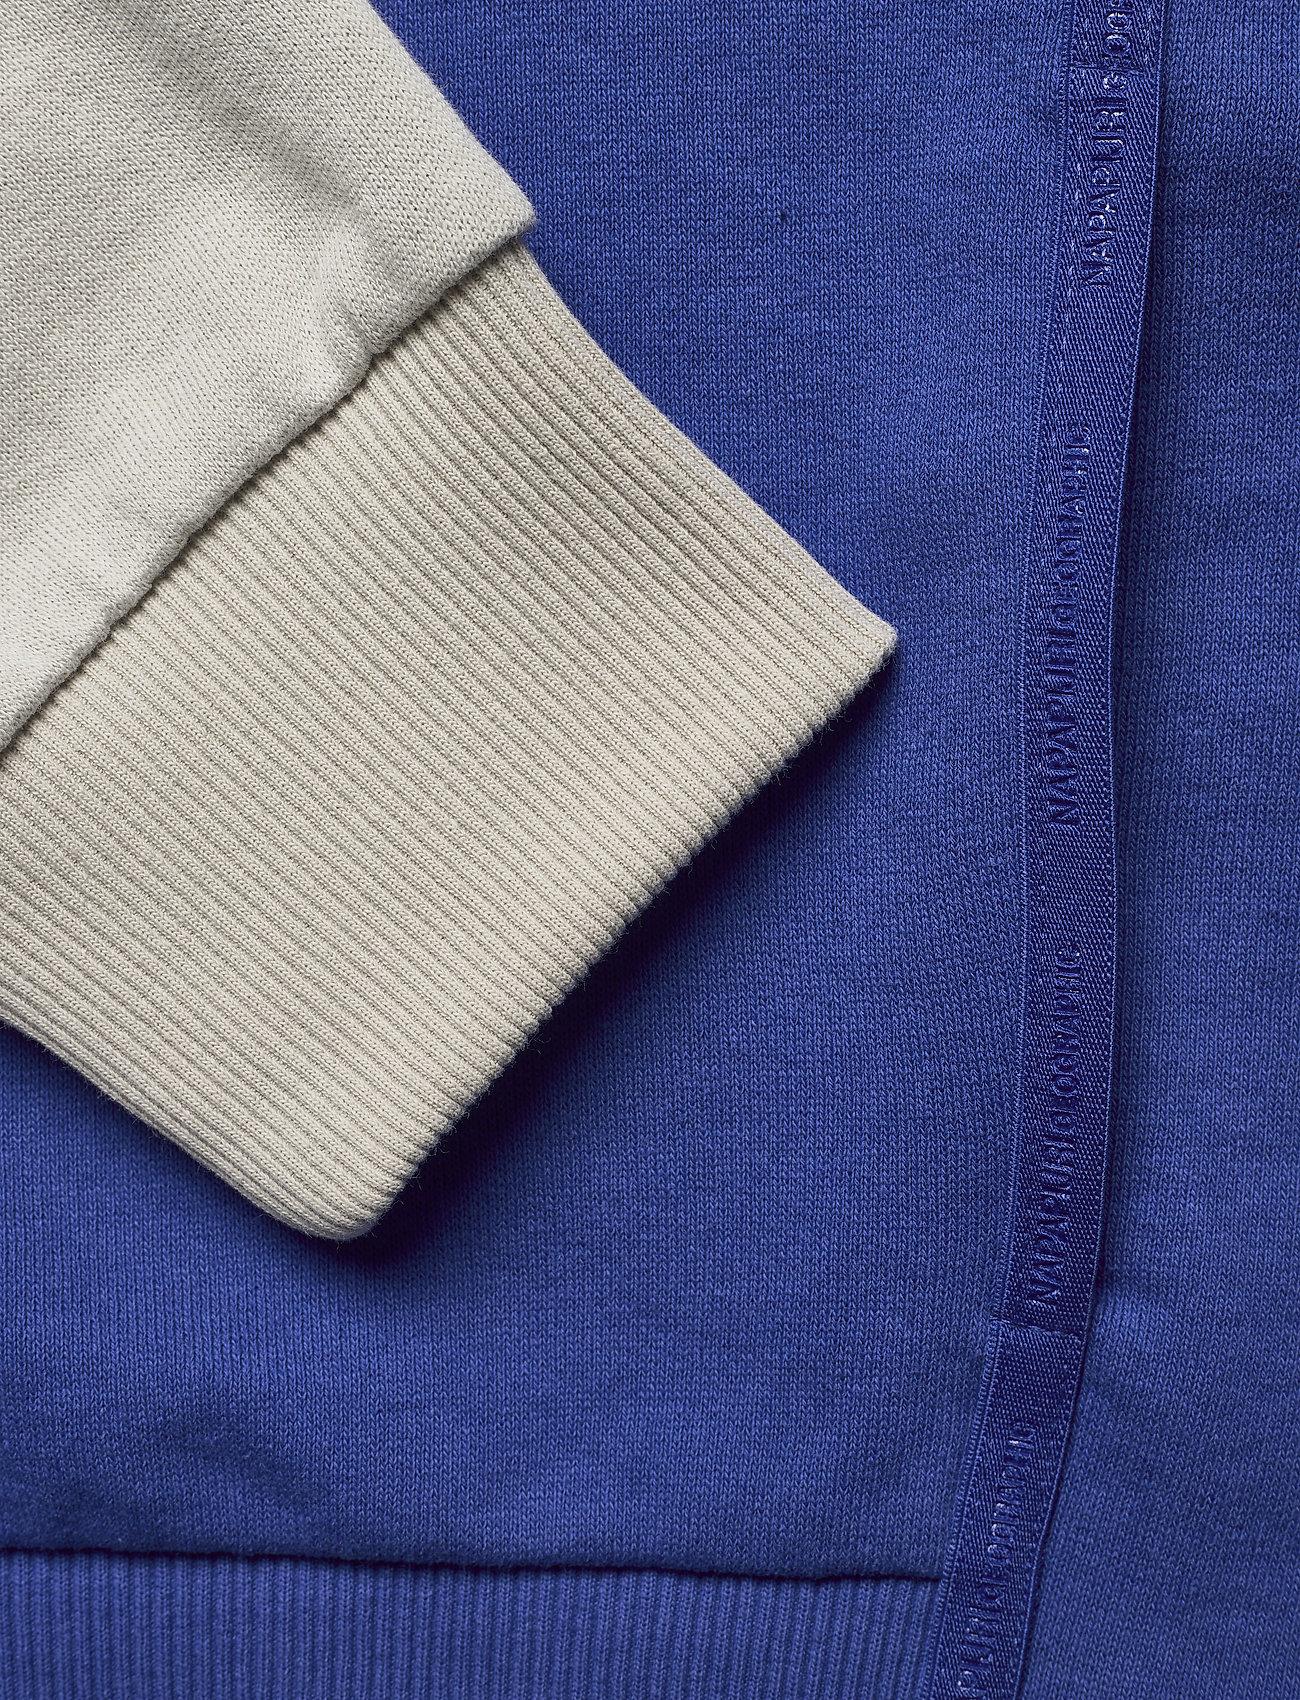 Bhell W (Ultramarine Blu) (974.35 kr) - Napapijri C80FIrxj